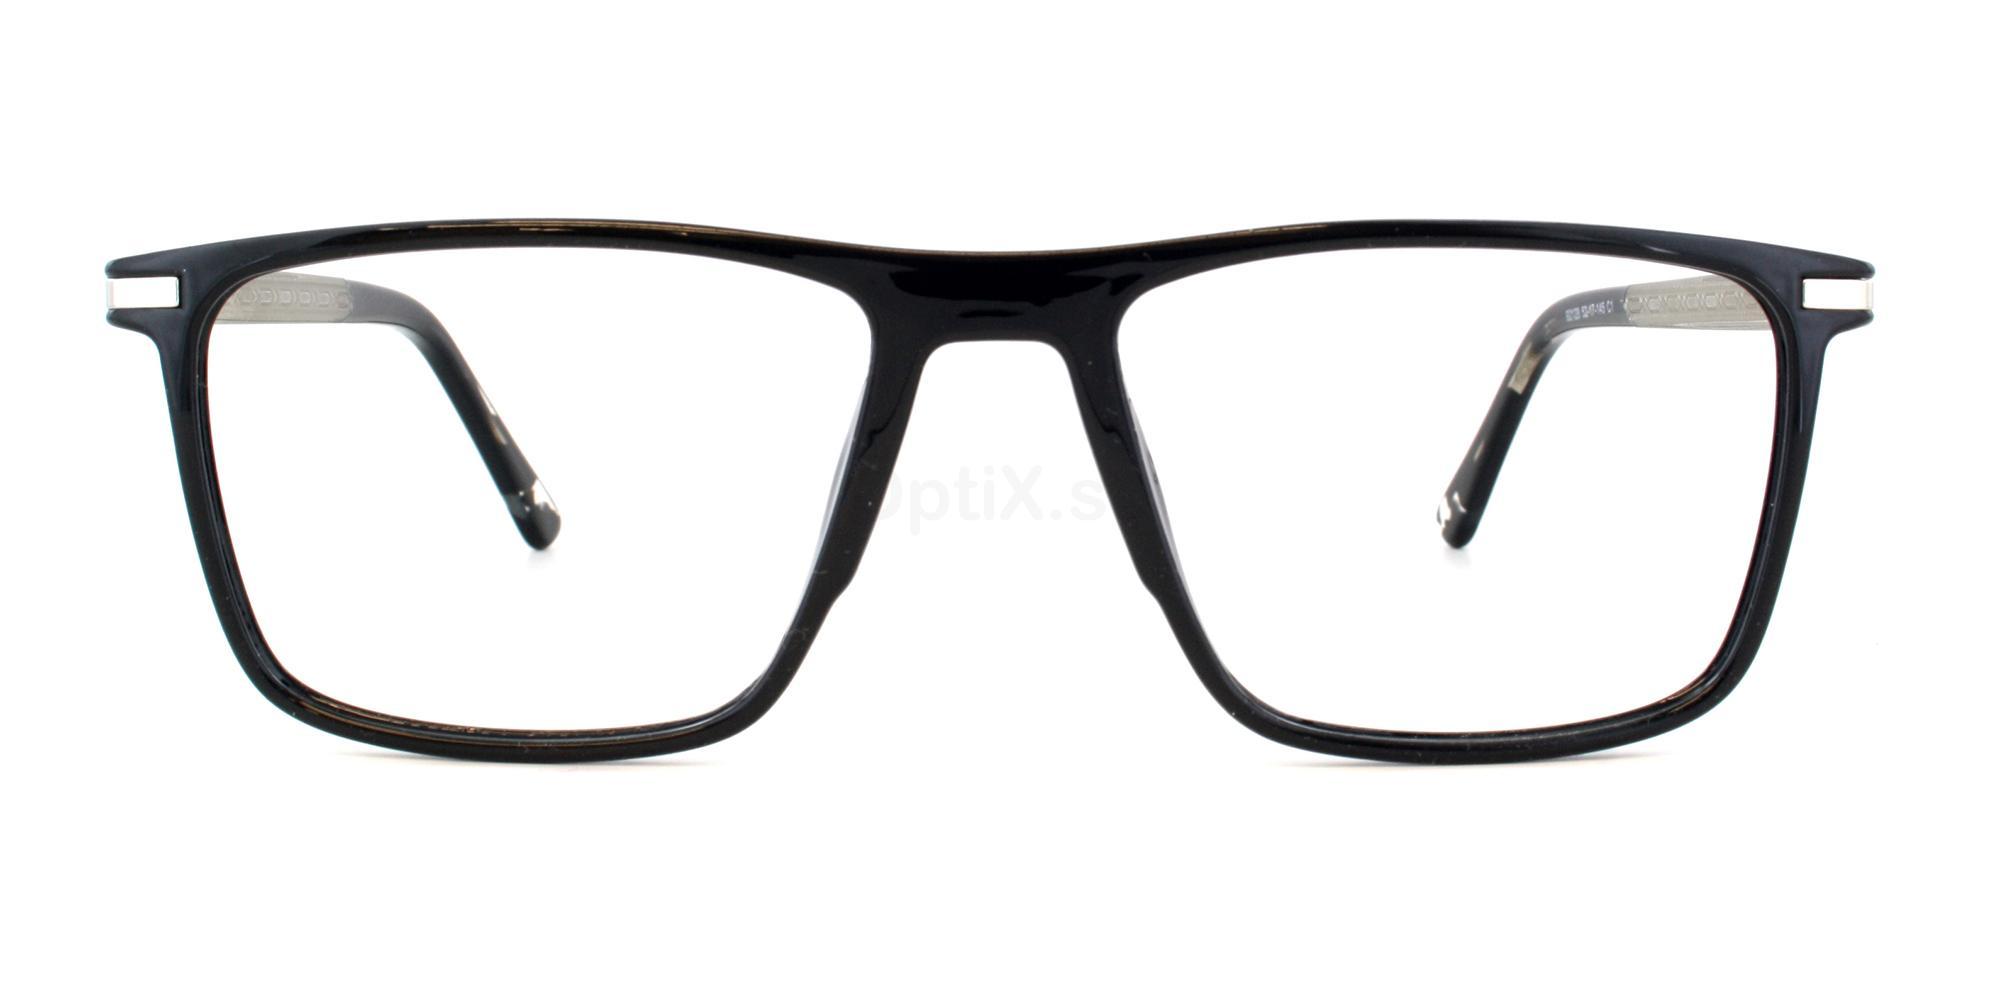 C1 92129 Glasses, Savannah